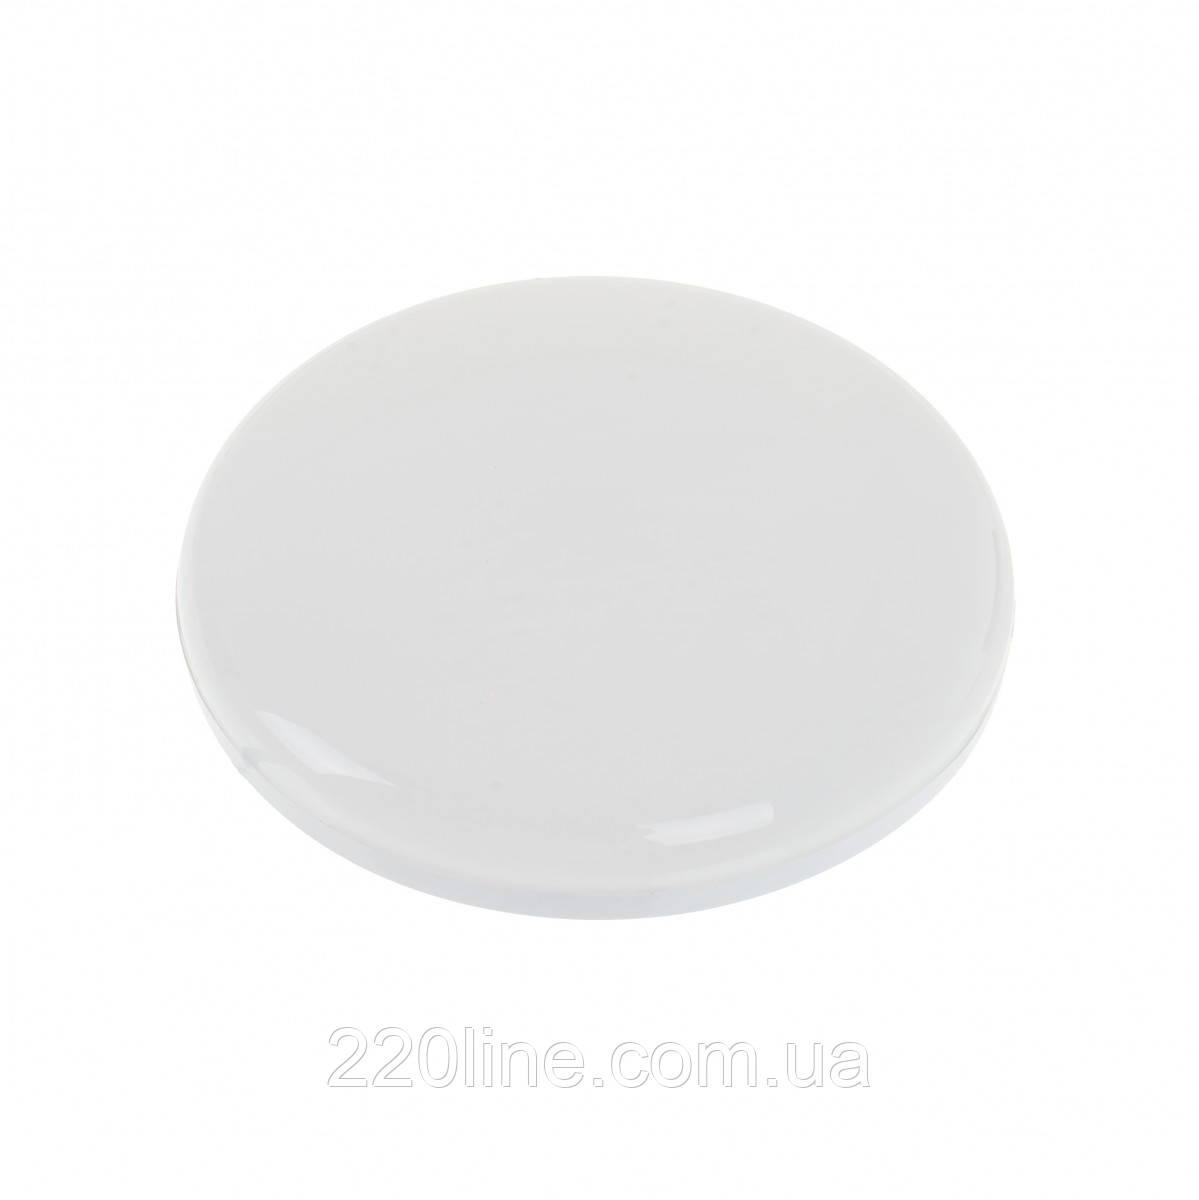 Світильник стельовий накладної світлодіодний LED-471/24W NW